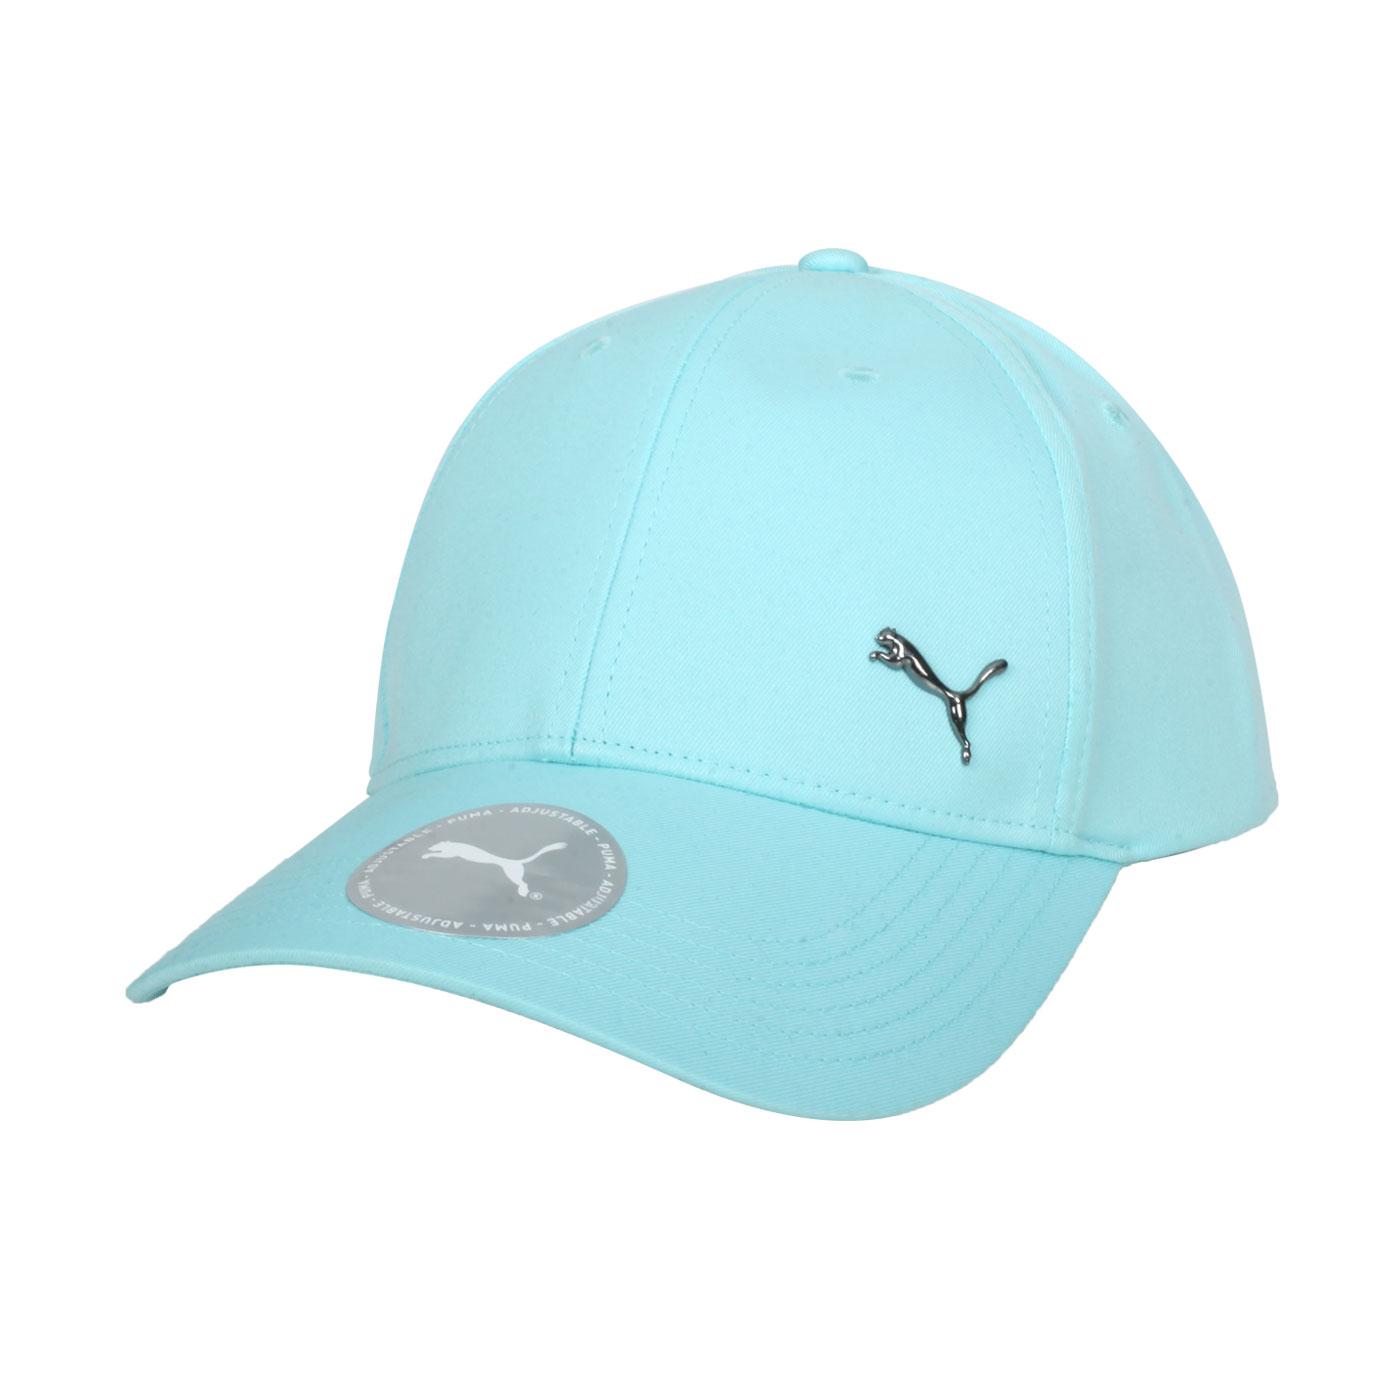 PUMA 基本系列棒球帽 02126942